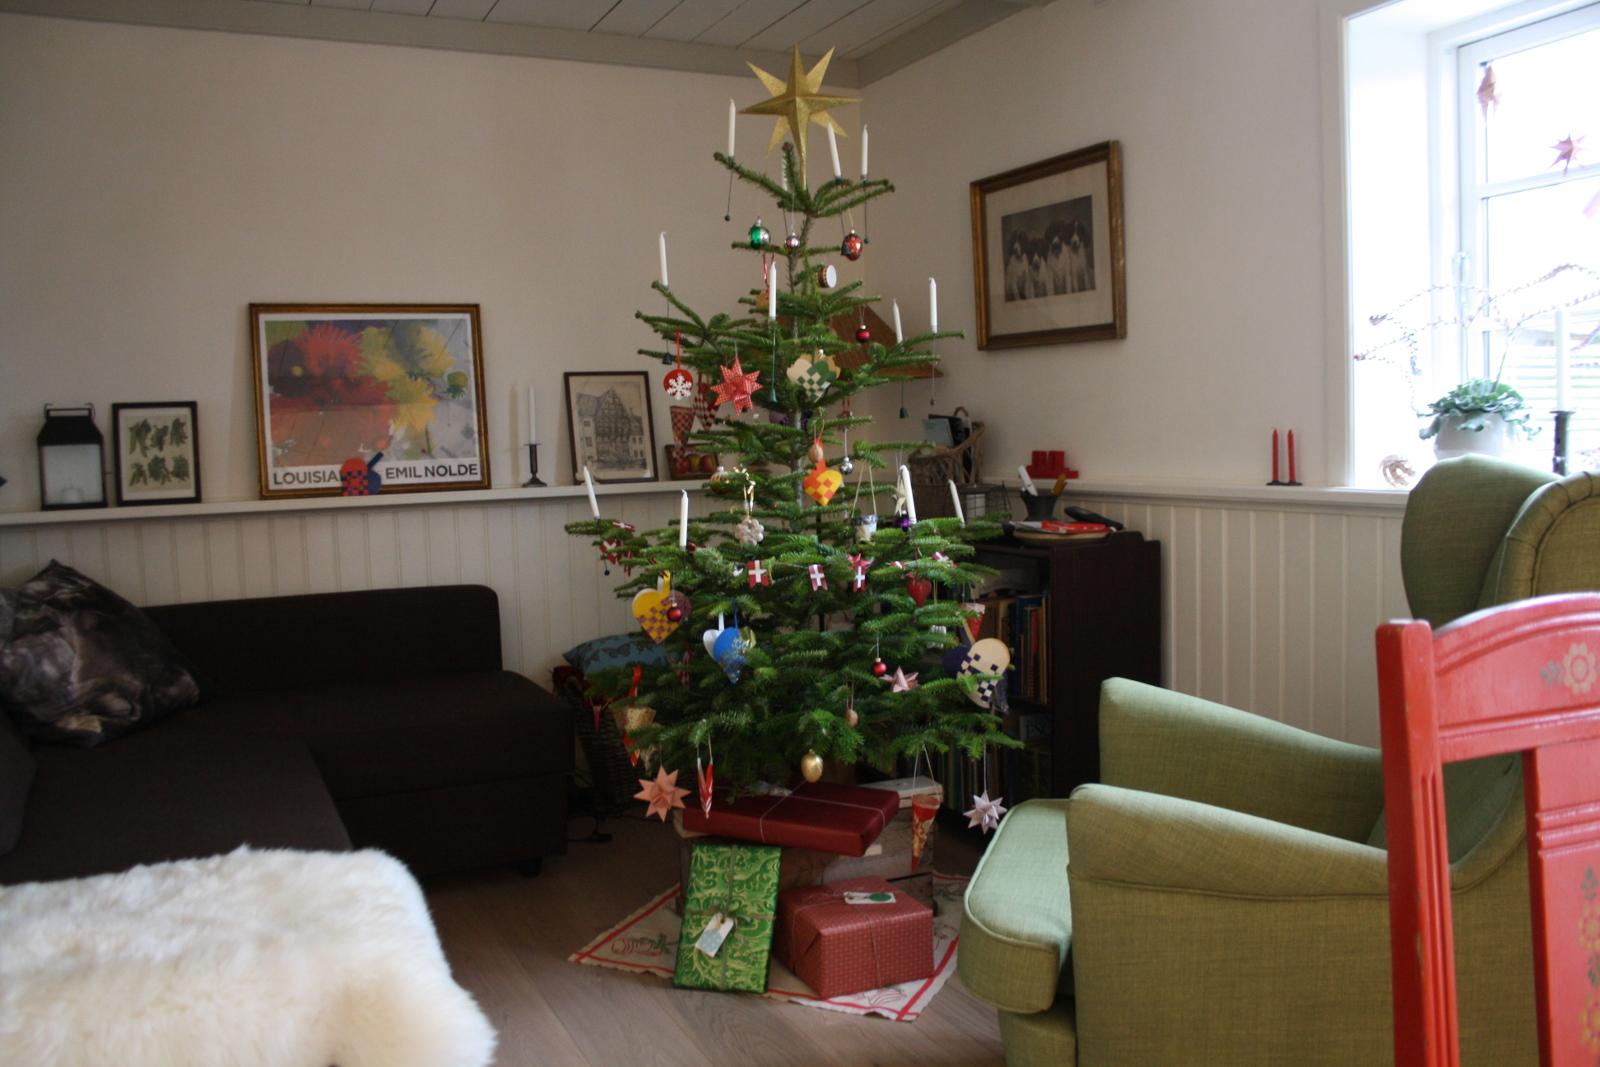 Juletræet